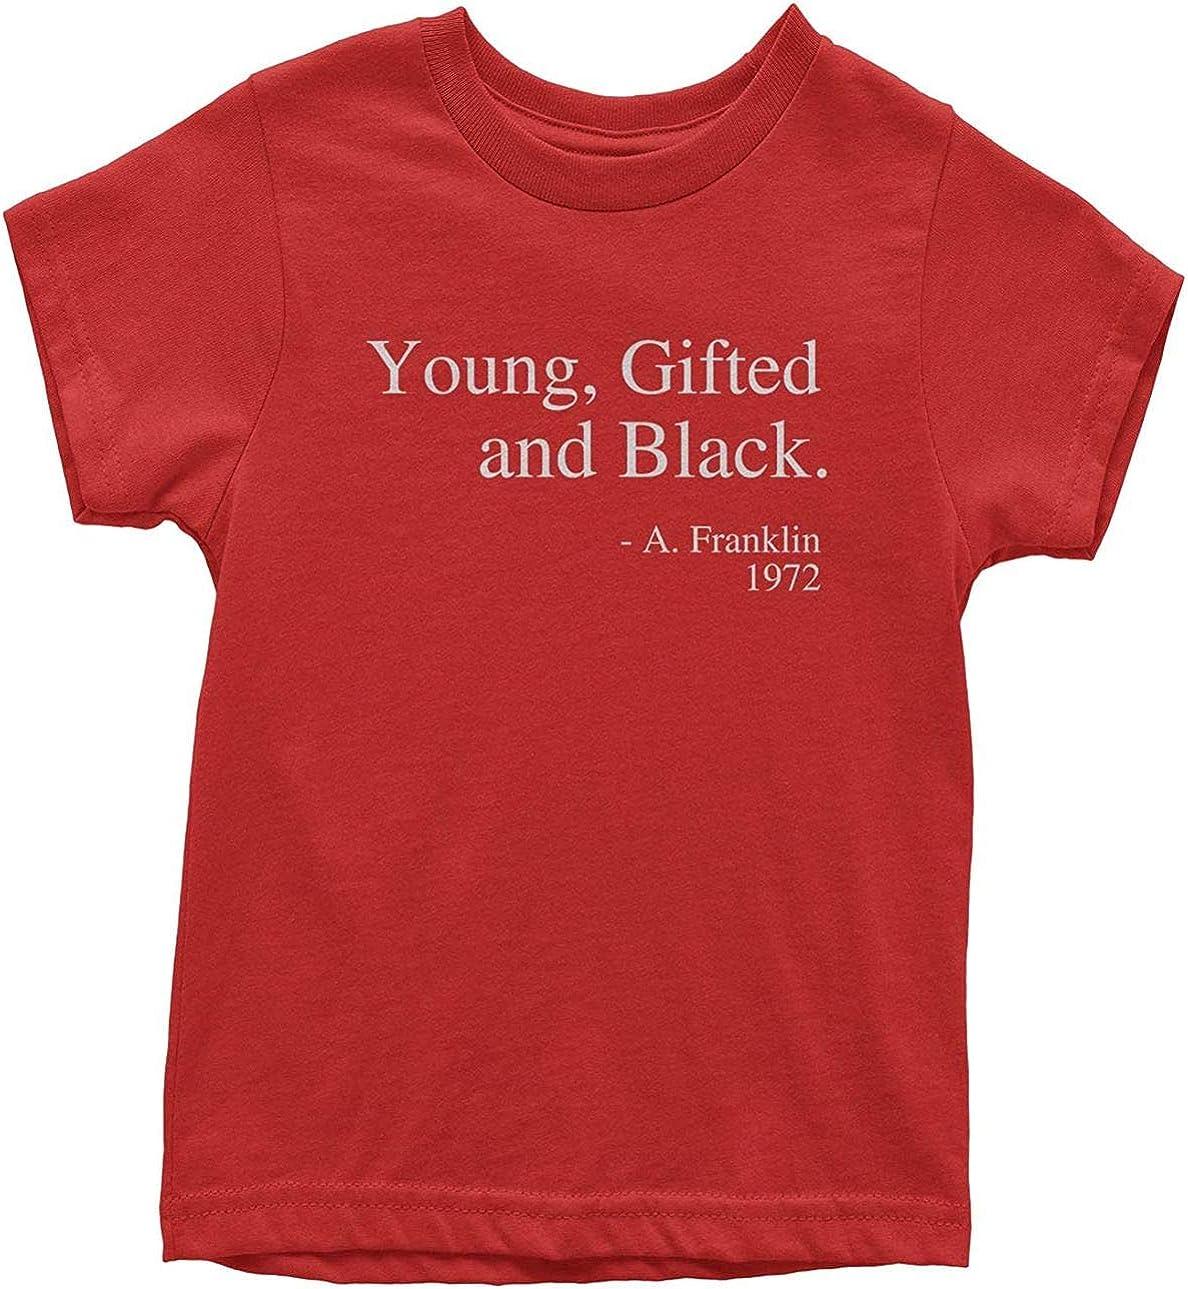 Nobrand - Camiseta de verano para jóvenes, con cita negra, con texto en inglés